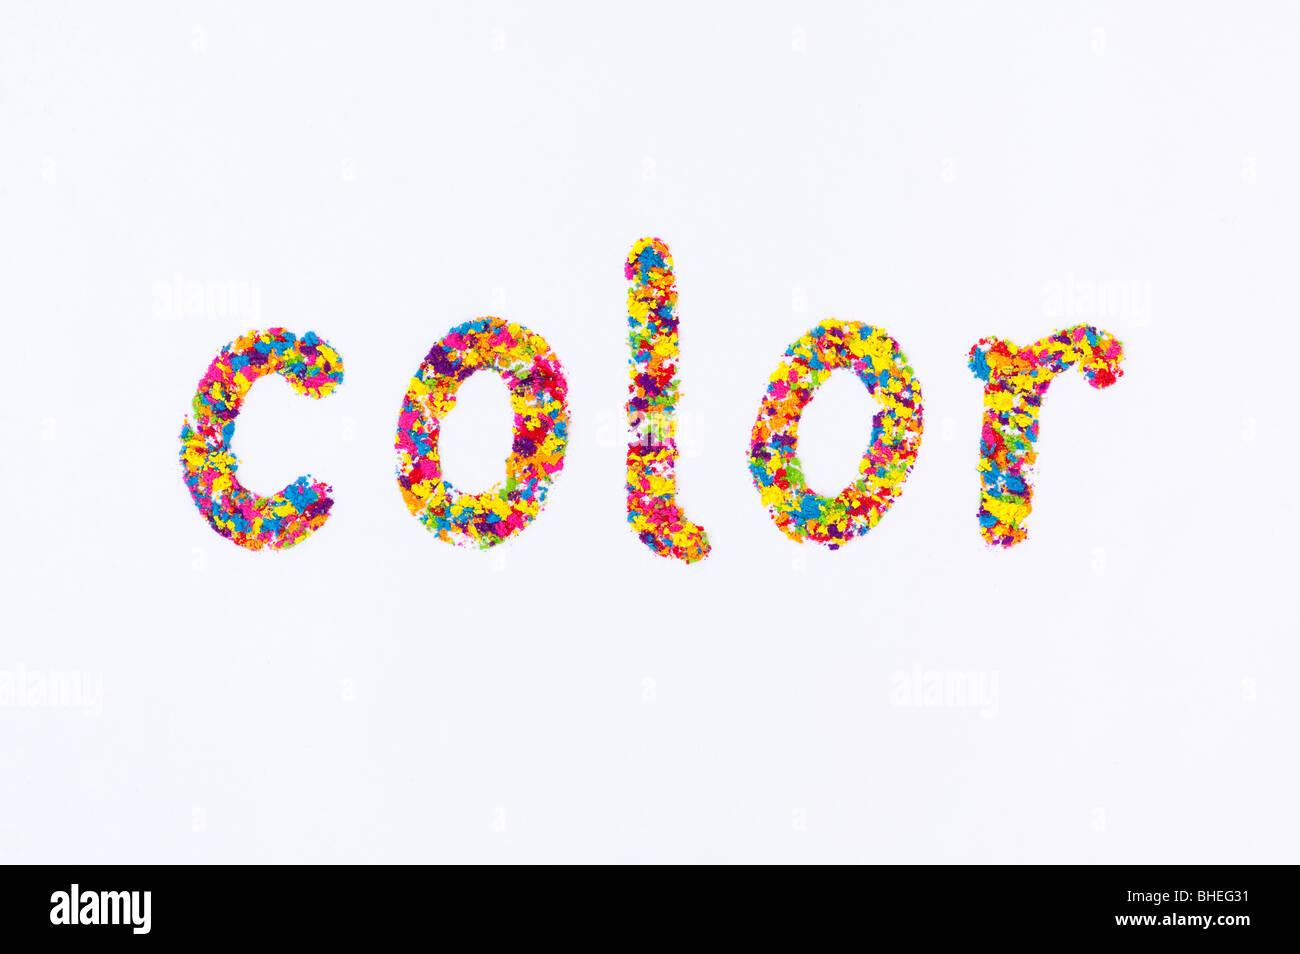 Das Wort Farbe (amerikanische Schreibweise), Dinkel mit bunten Pulver auf weißem Hintergrund Stockbild